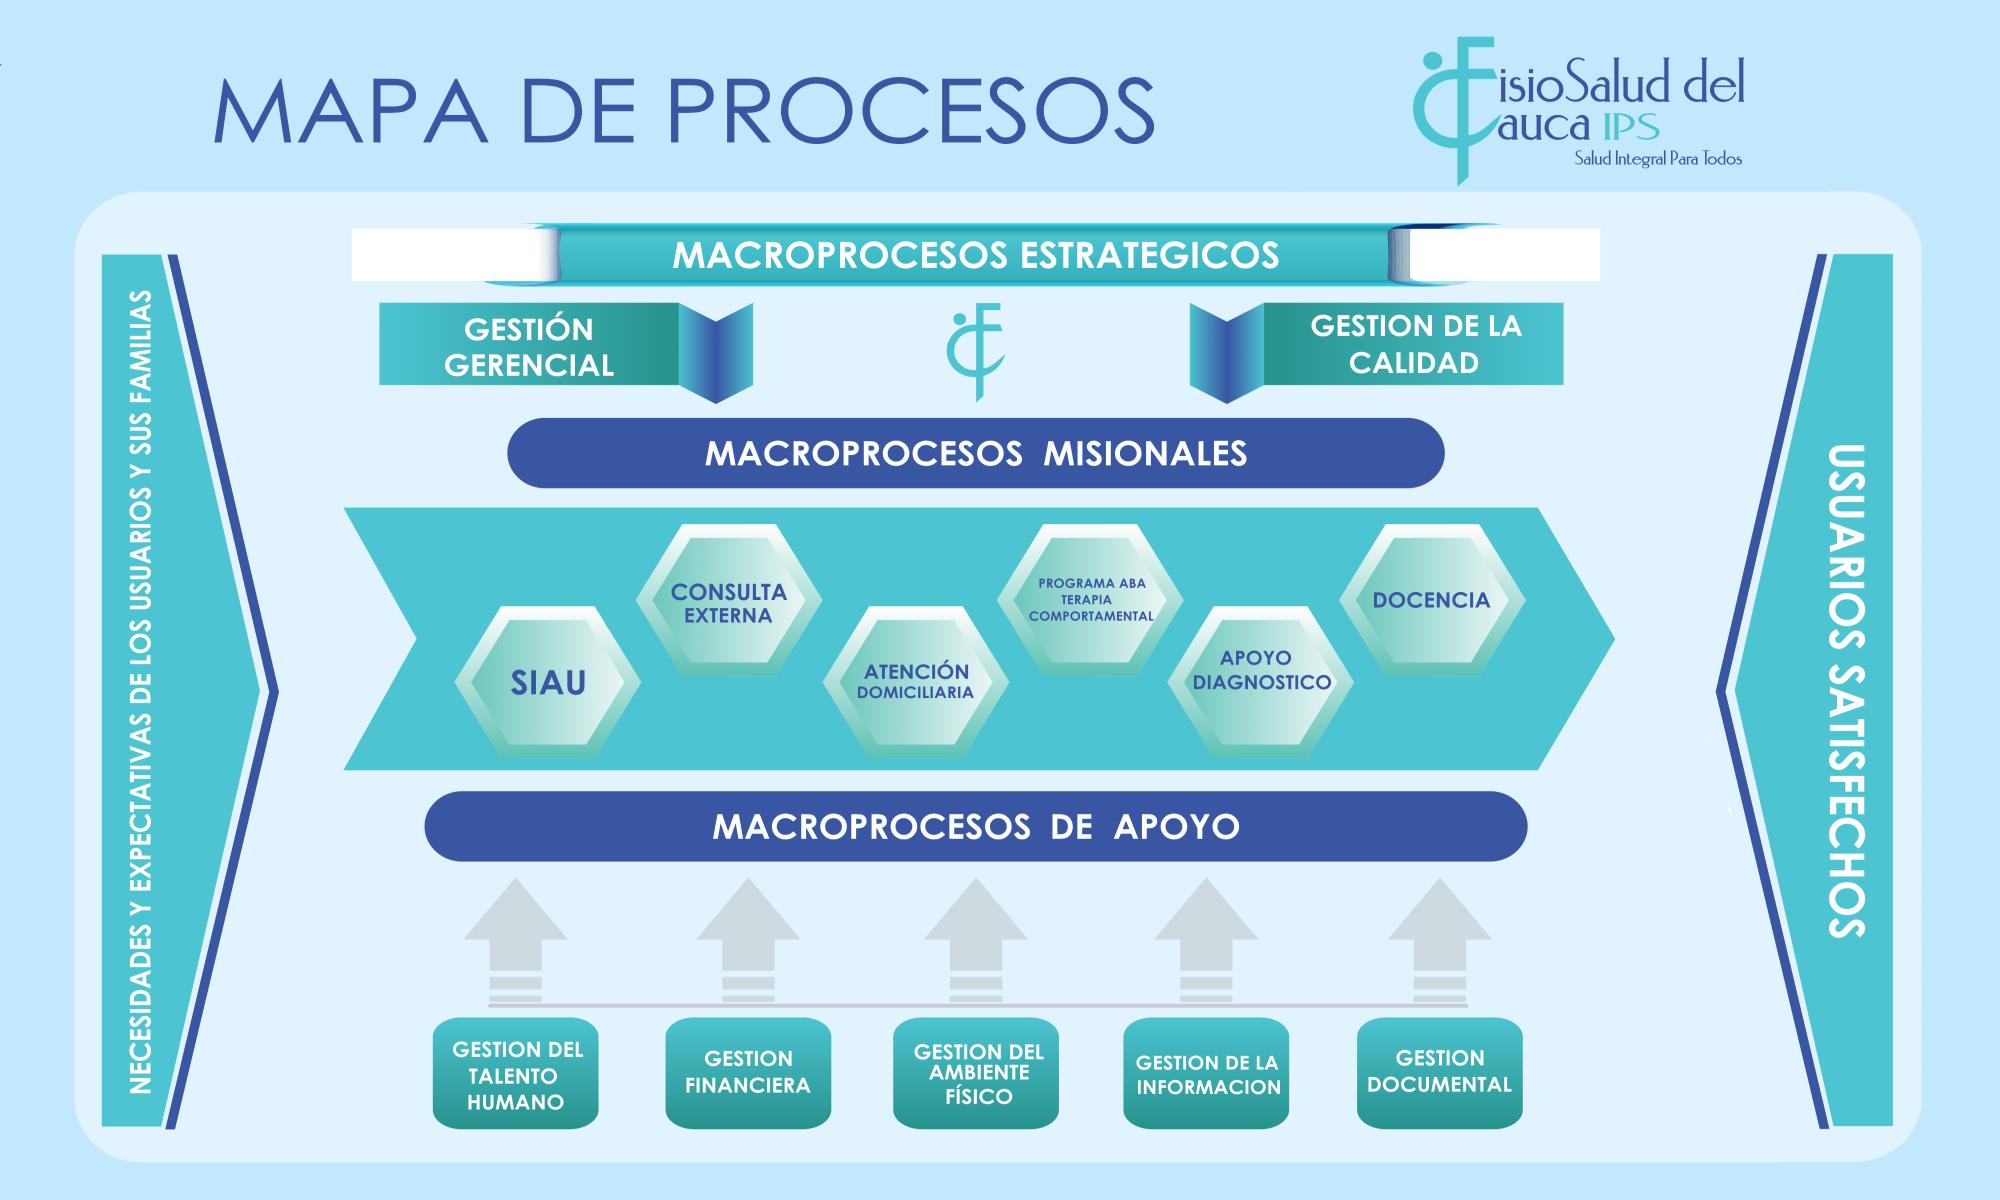 Mapa-de-procesos- INICIO-Fisiosalud-del-Cauca-IPS-SAS